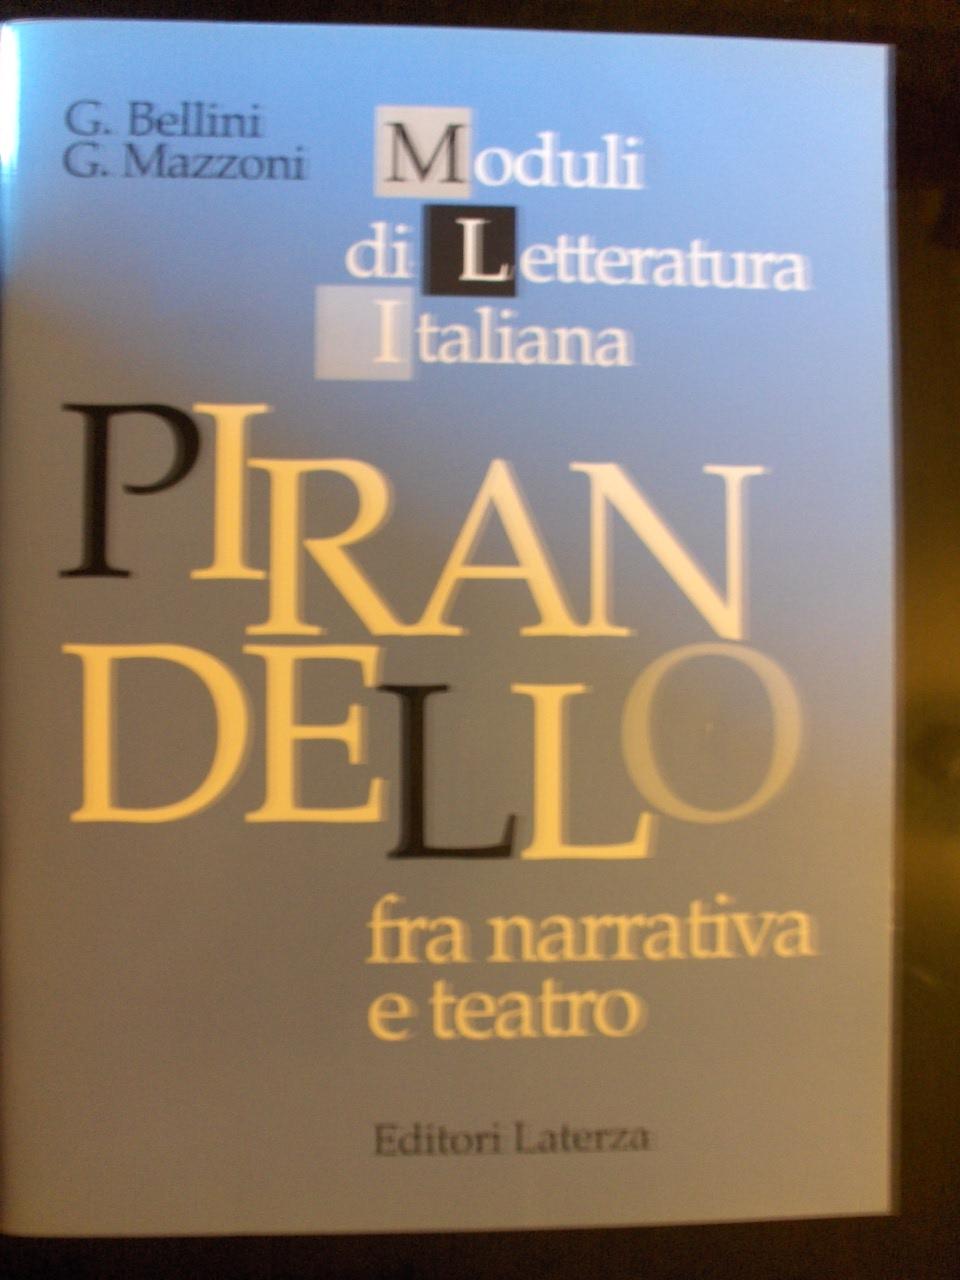 Pirandello fra narrativa e teatro